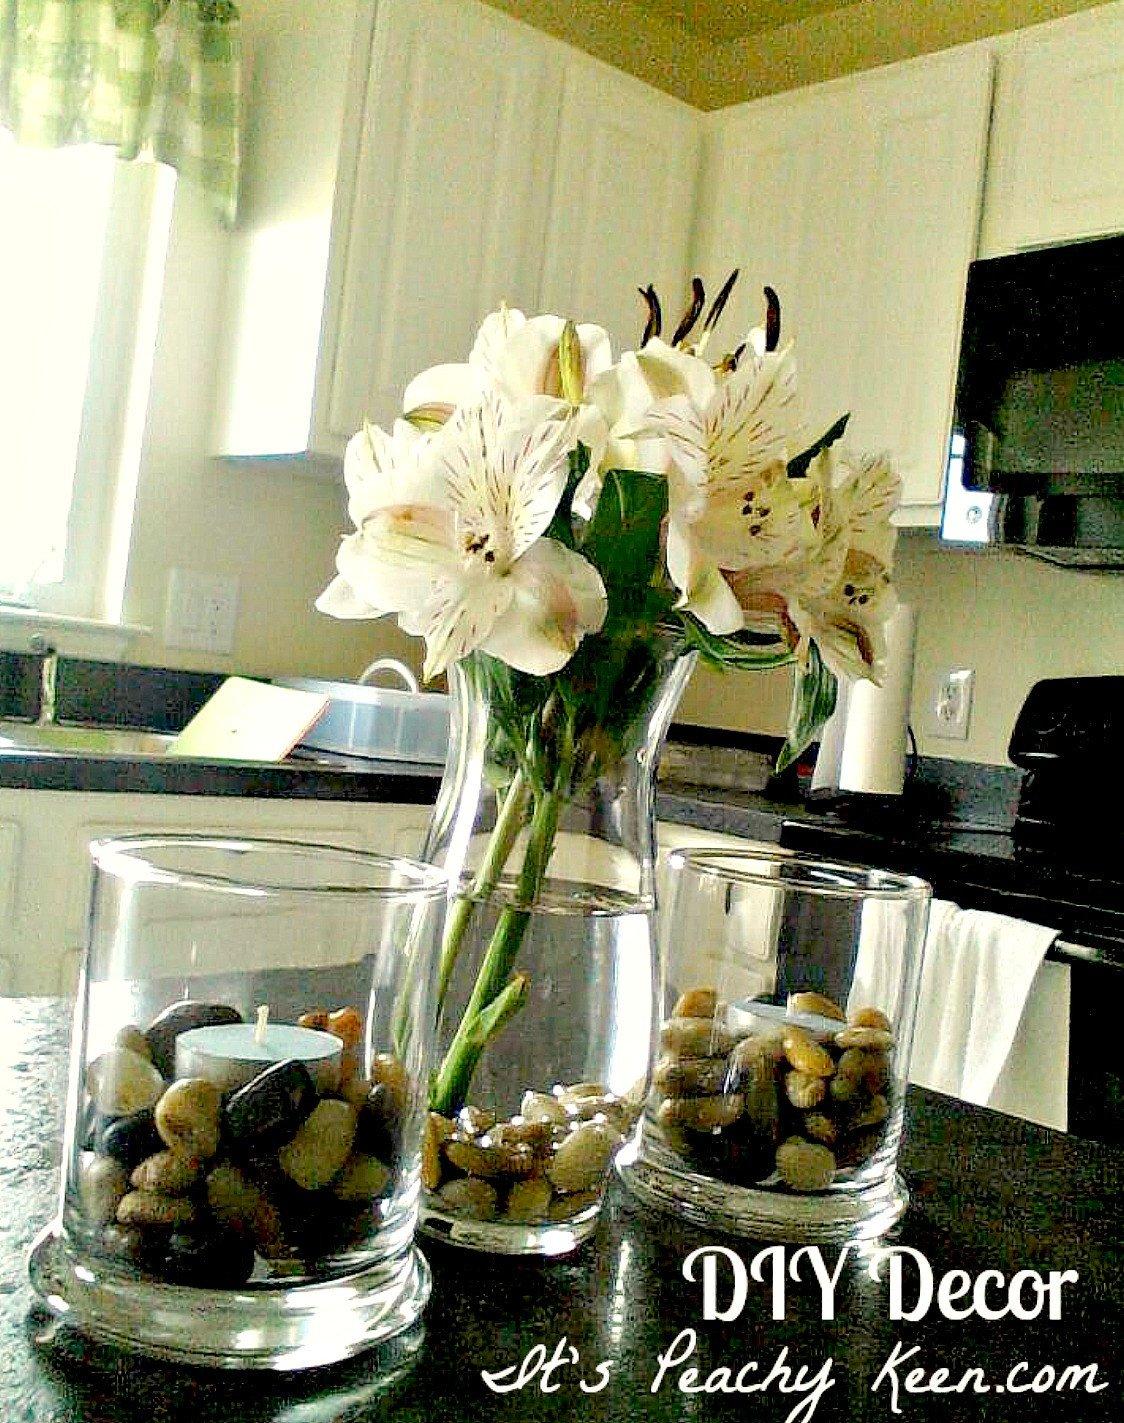 Home Decor On A Budget Beautiful Home Decor On A Bud